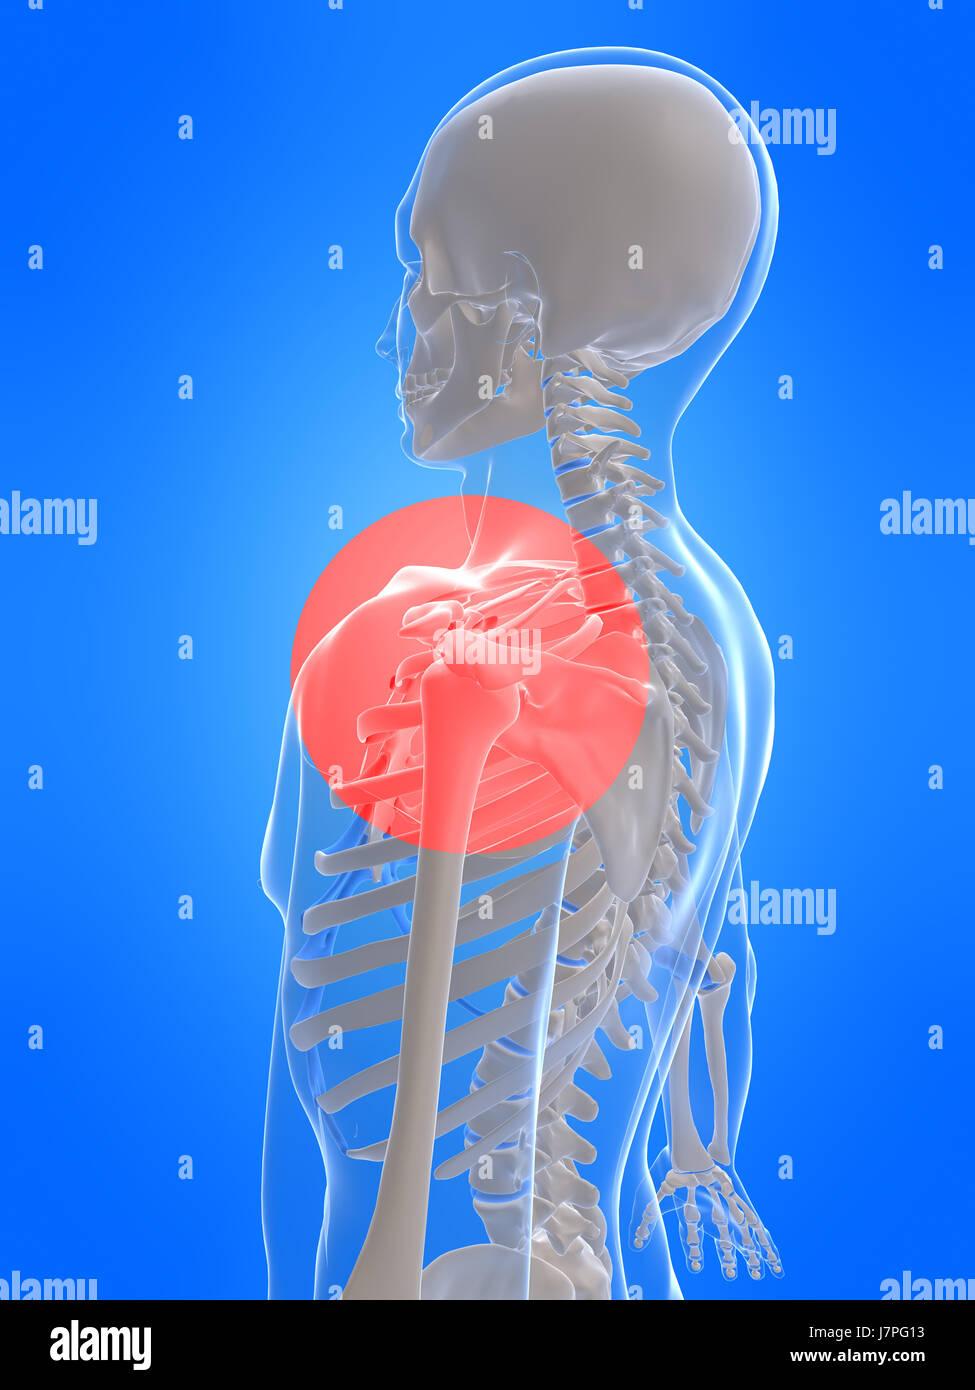 Spinal Xray Stockfotos & Spinal Xray Bilder - Seite 4 - Alamy